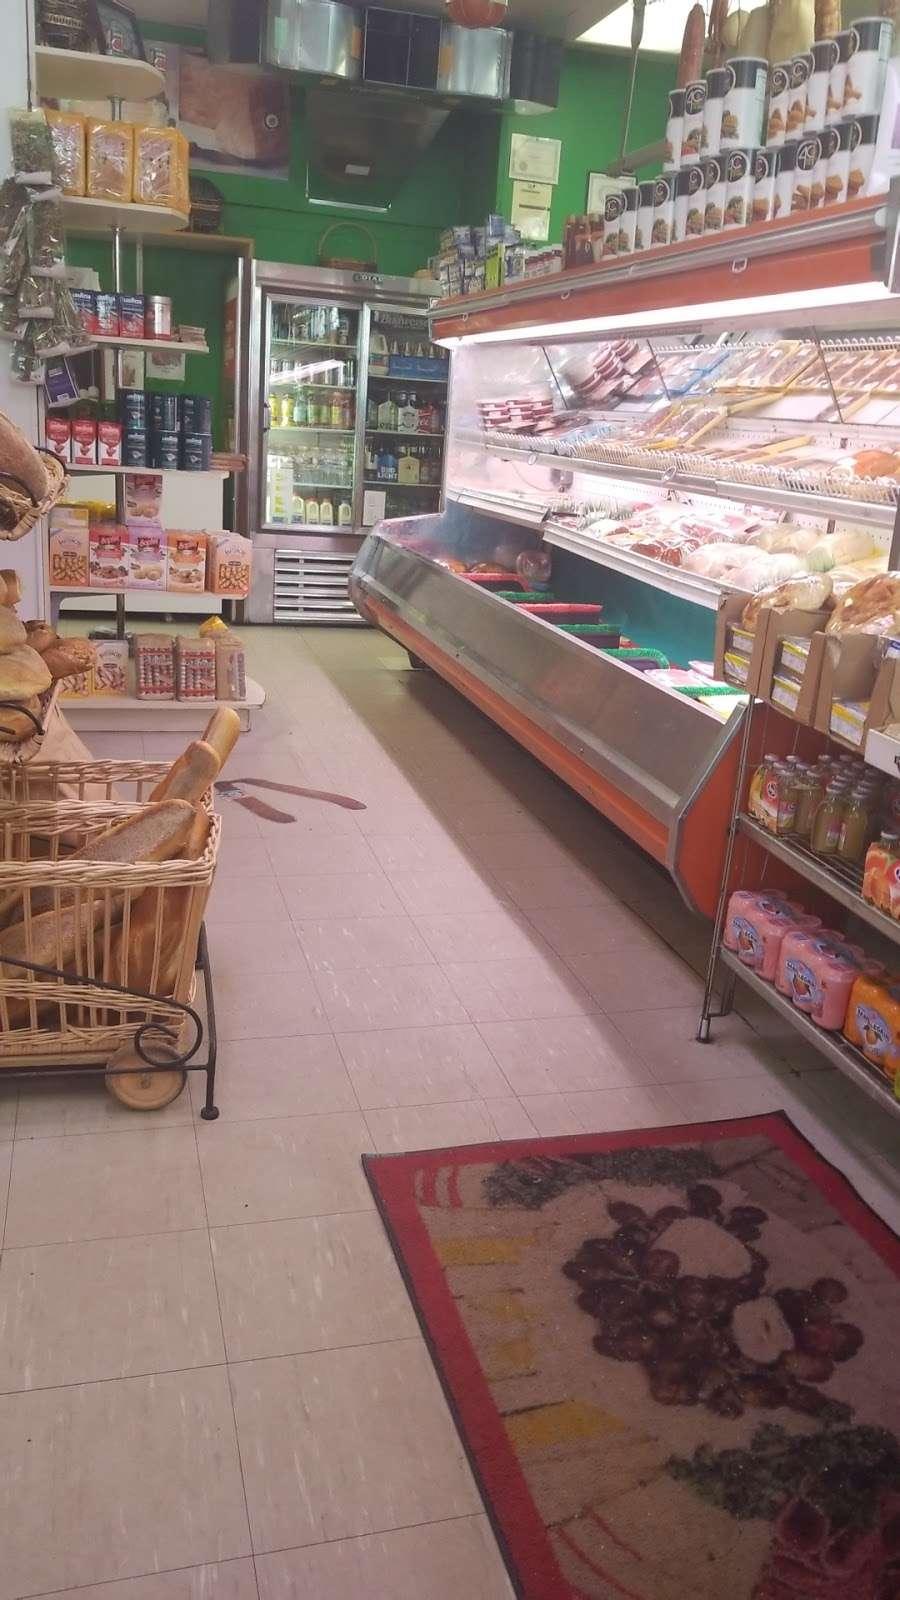 Leos Bakery & Deli - bakery  | Photo 10 of 10 | Address: 514 Grand Ave, North Bergen, NJ 07047, USA | Phone: (201) 348-8433